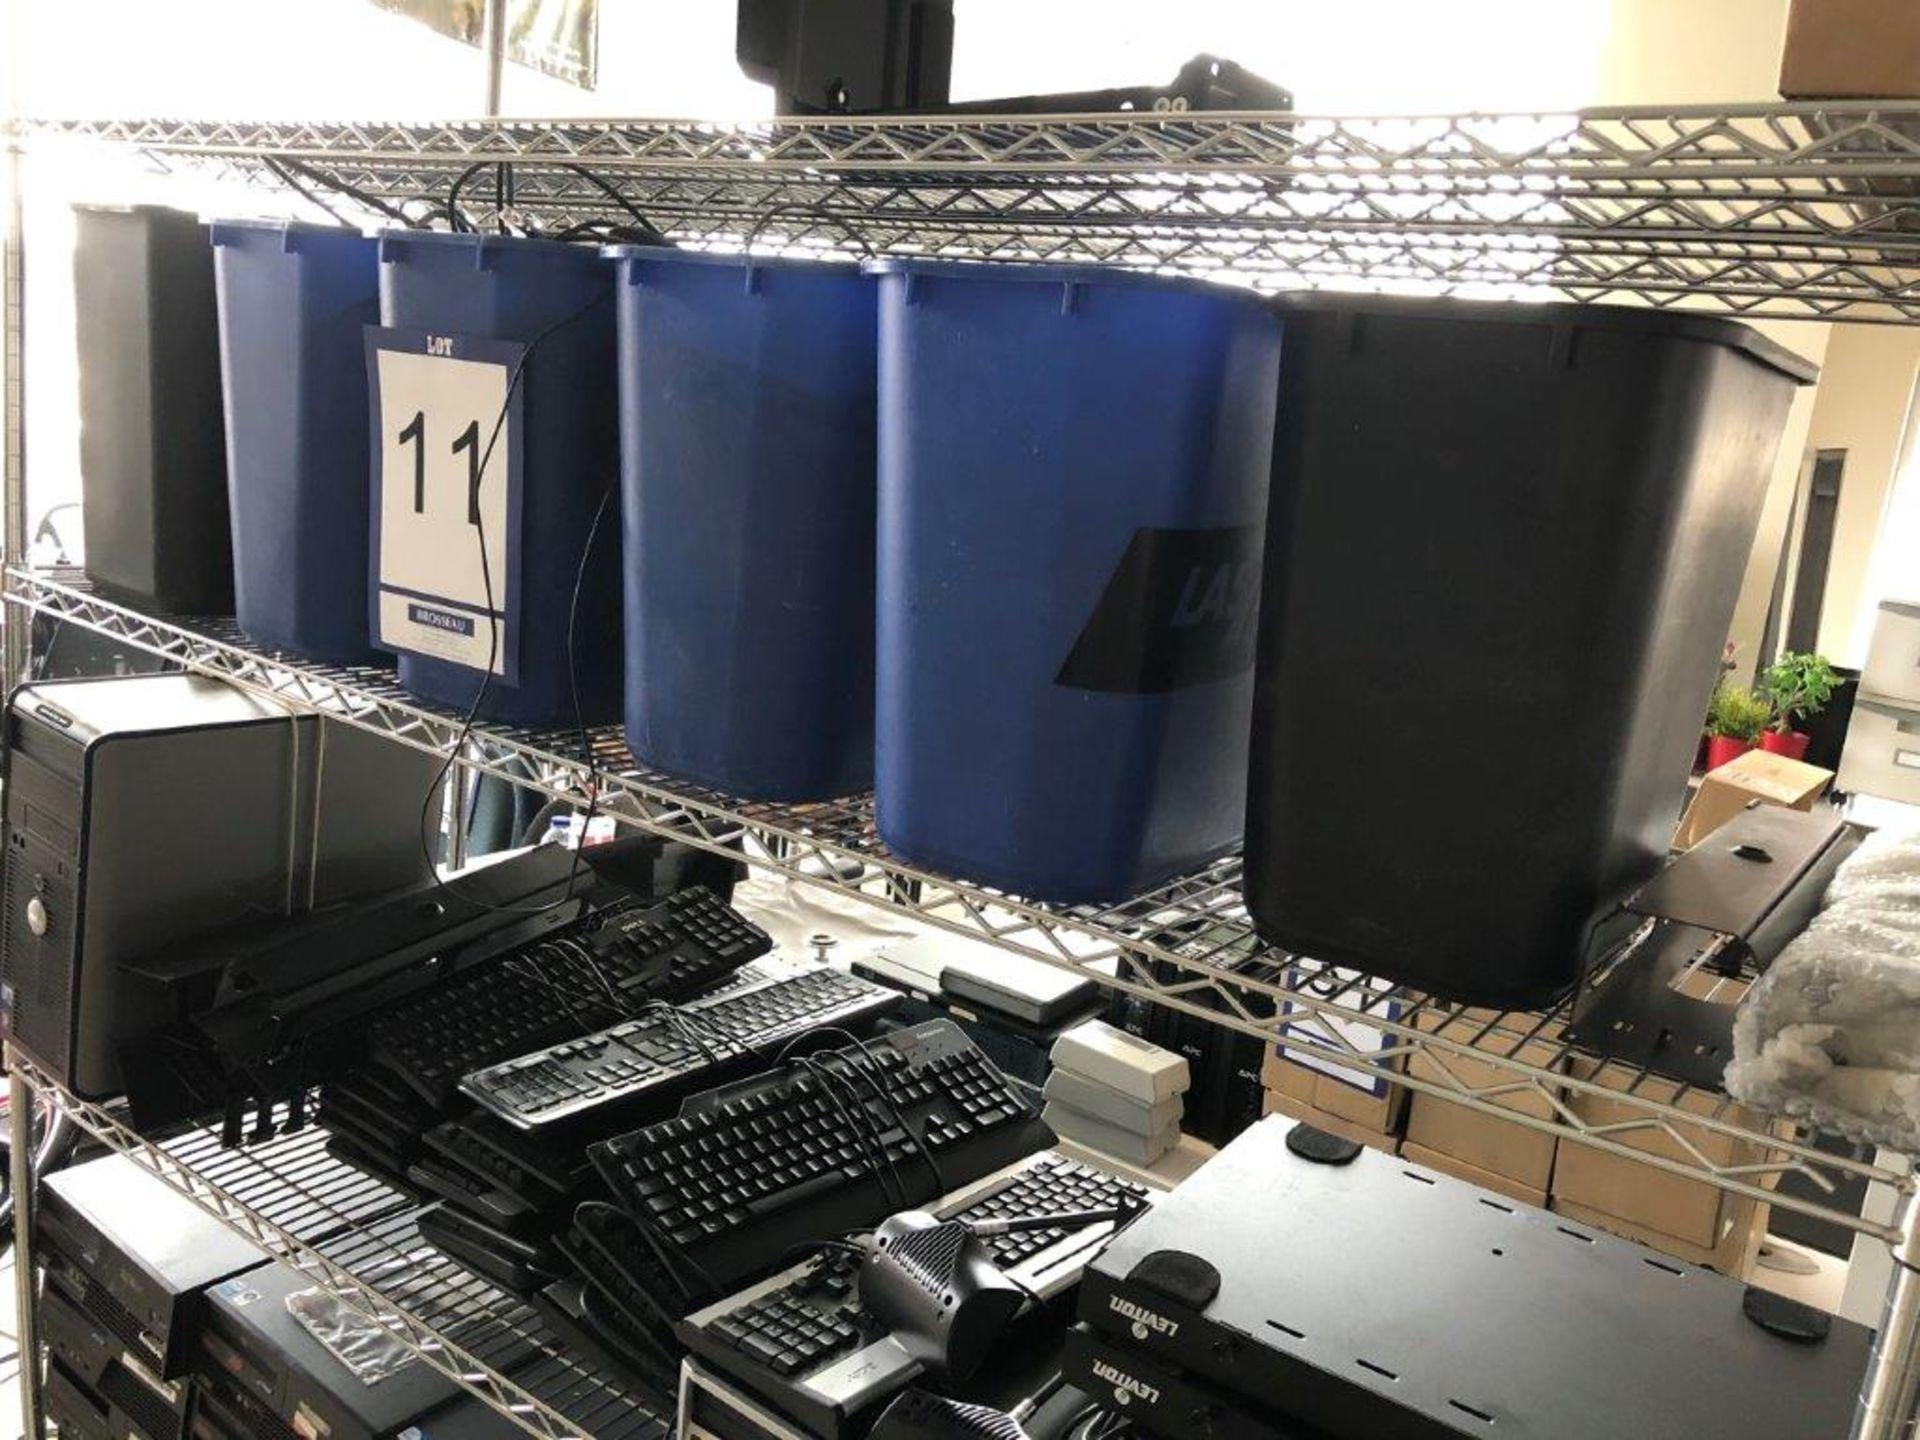 Lot 11 - Lot: étagères avec contenu (ordinateurs, claviers et souries assortis)